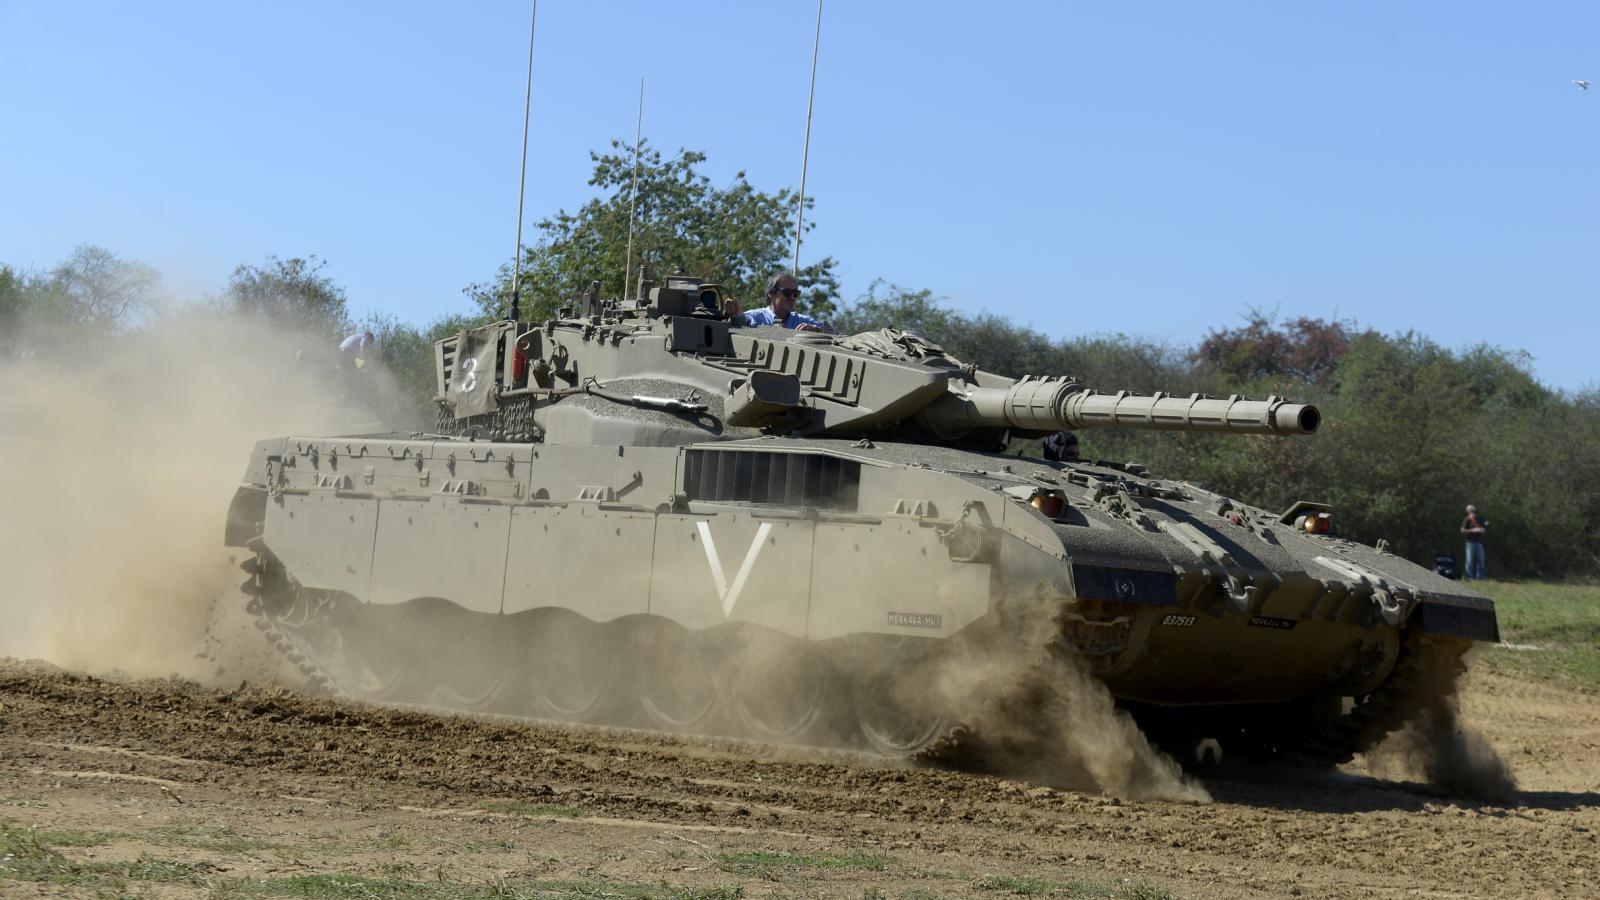 Ministr obrany Martin Stropnický ve věži izraelského tanku Merkava